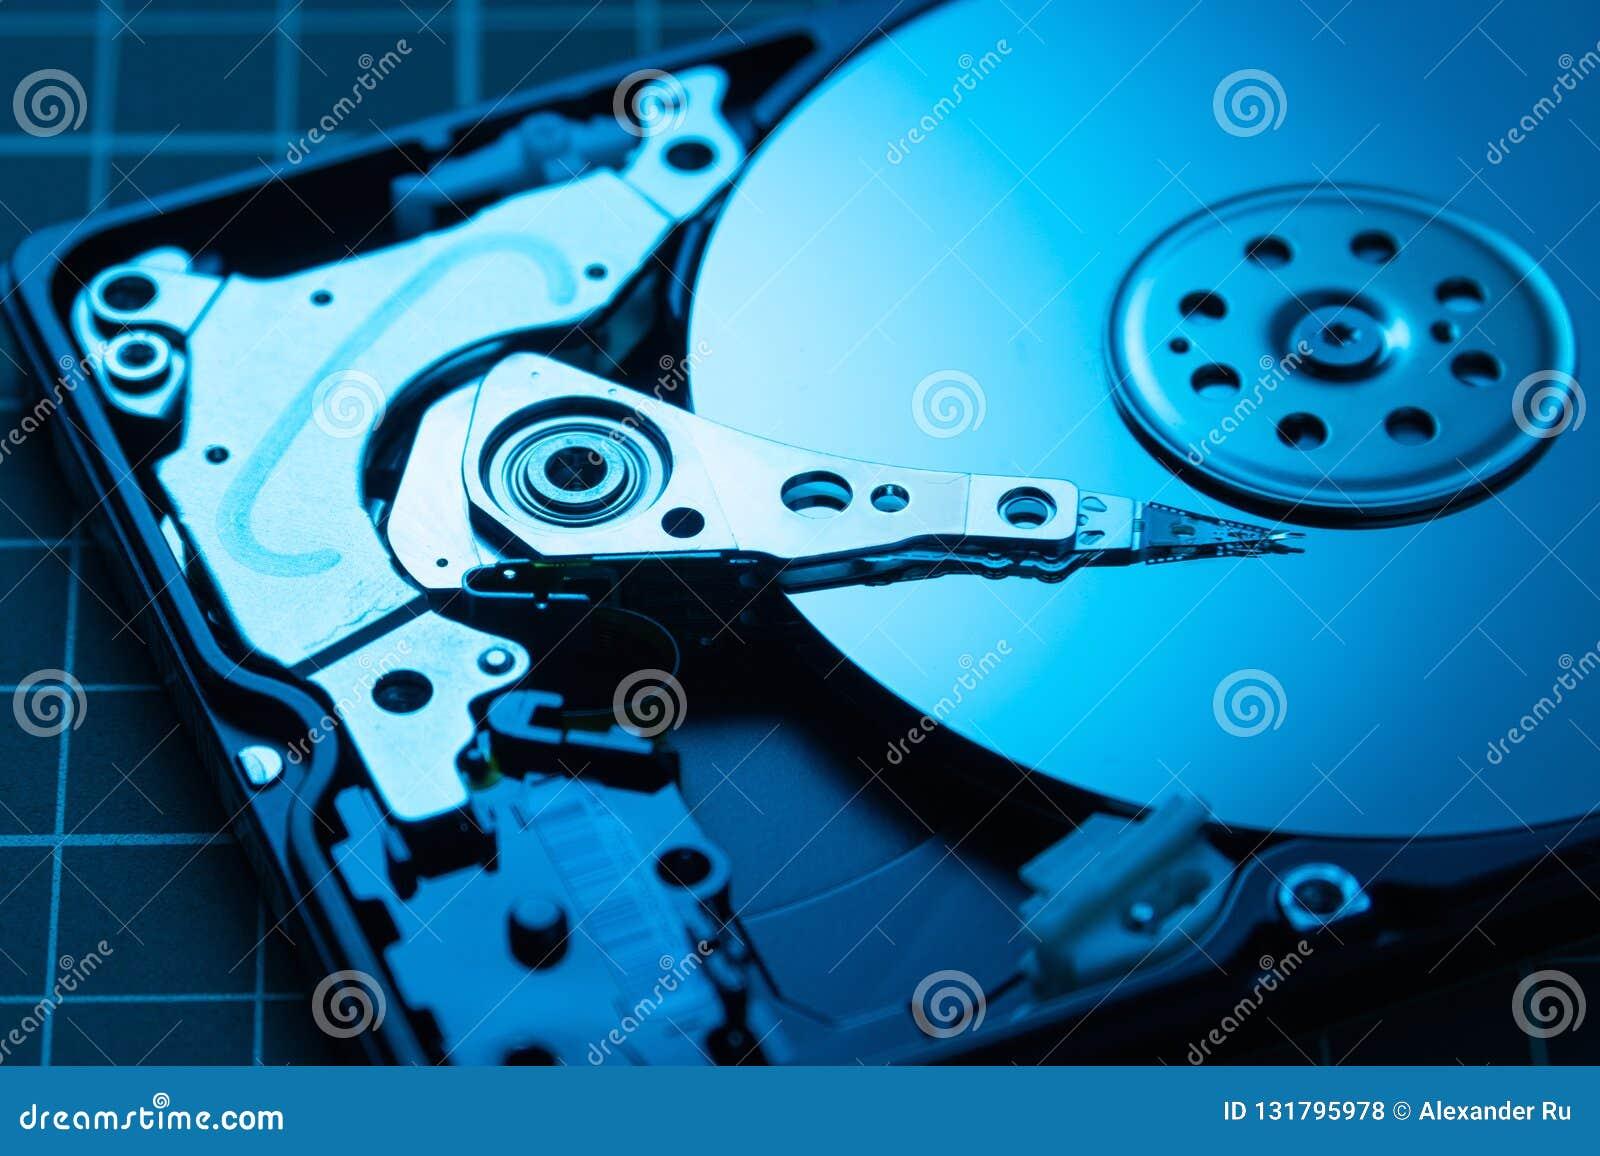 Movimentação aberta do disco rígido O conceito do armazenamento de dados disposição de dados HDD azul